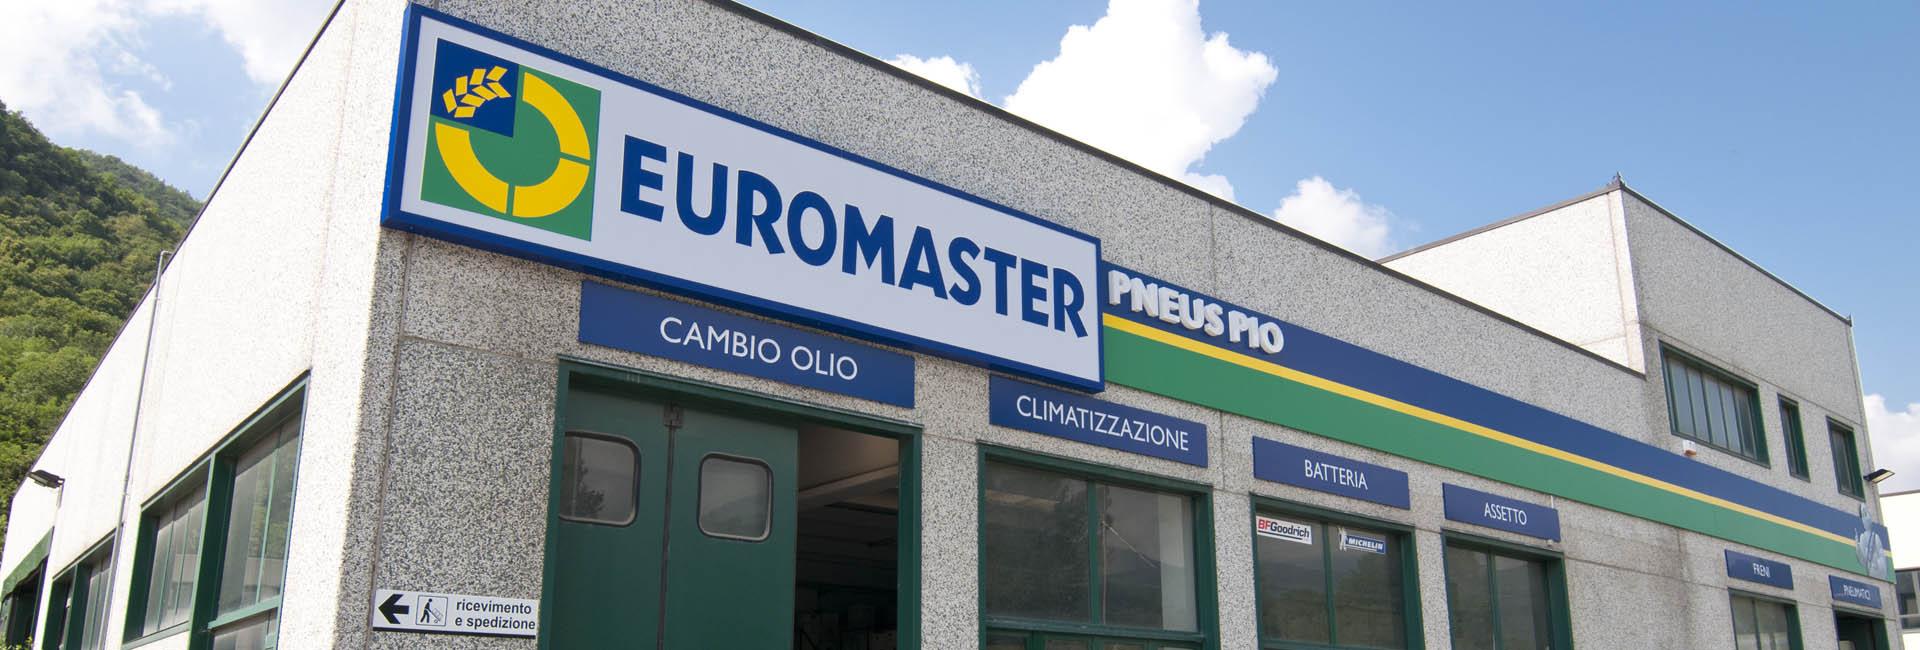 Pneus Pio Snc pneumatici